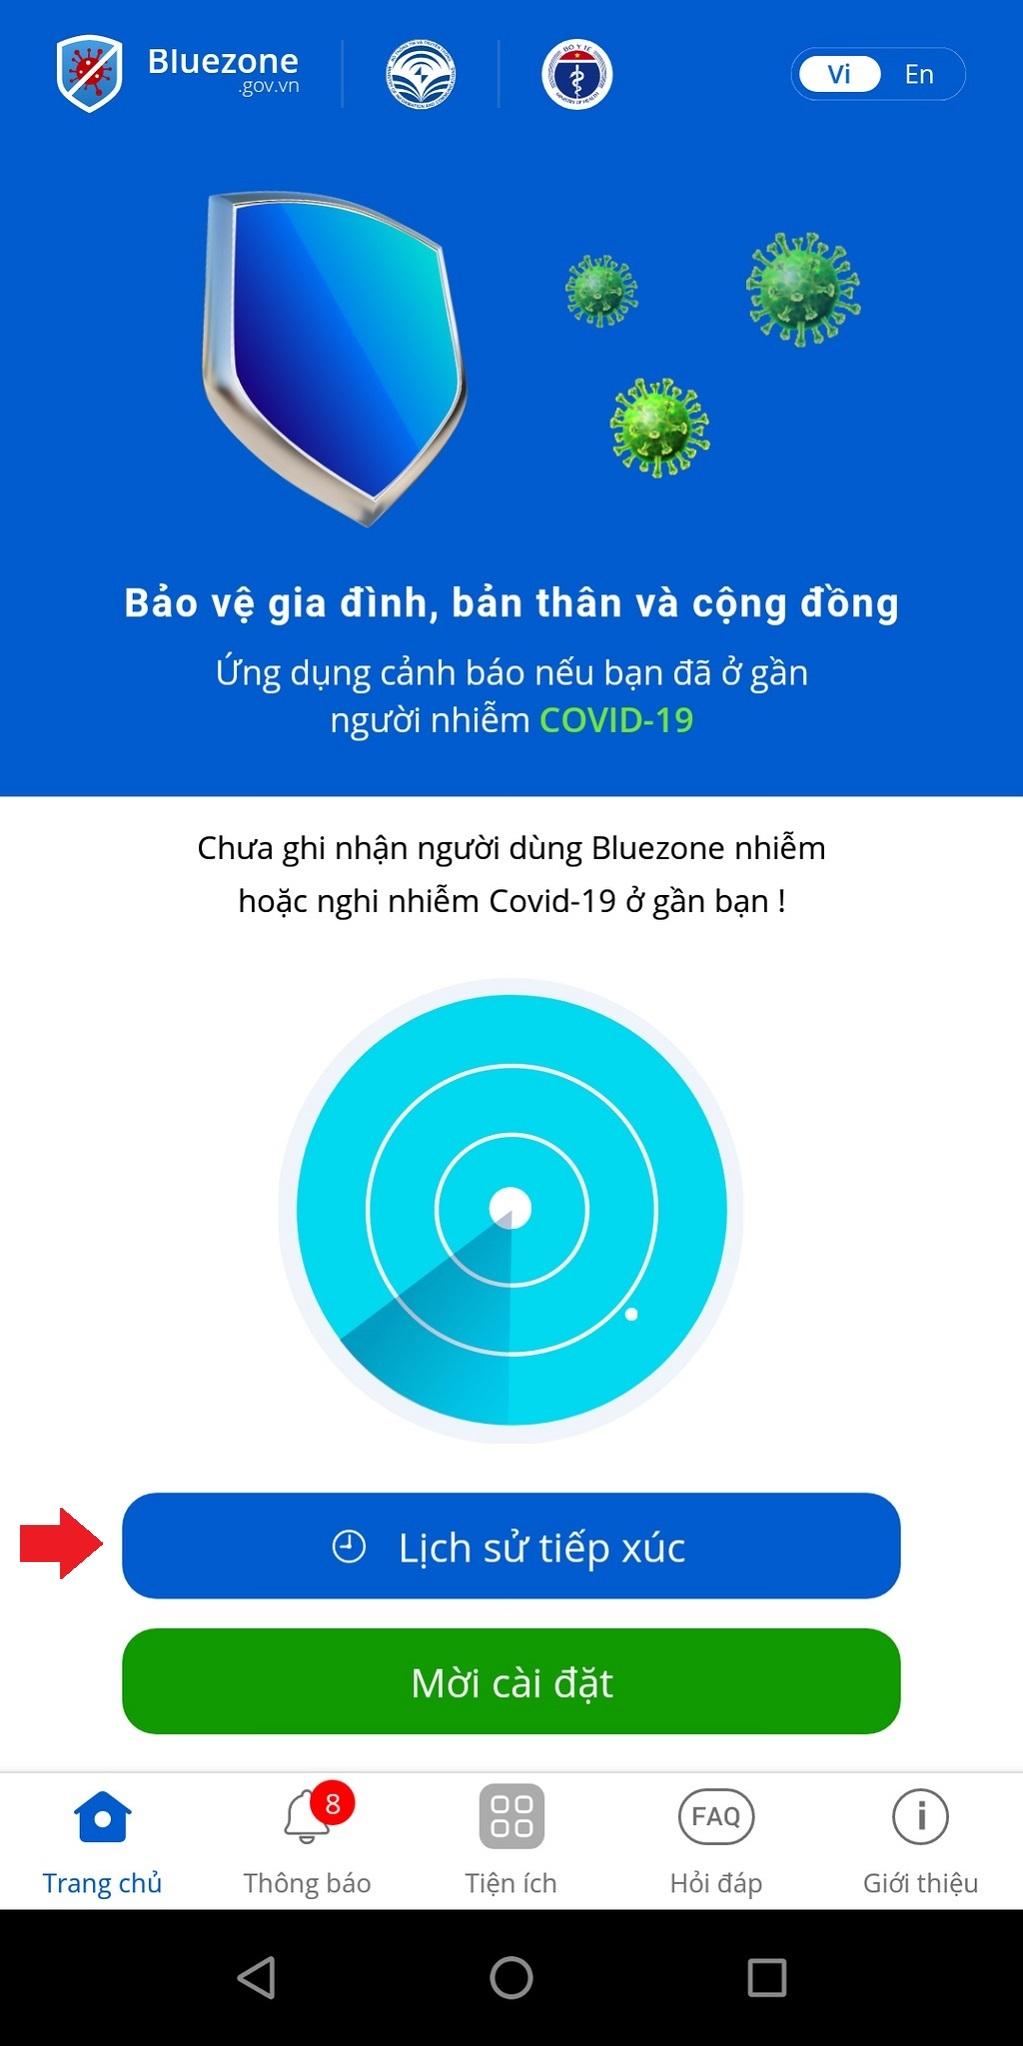 Hướng dẫn sử dụng Bluezone